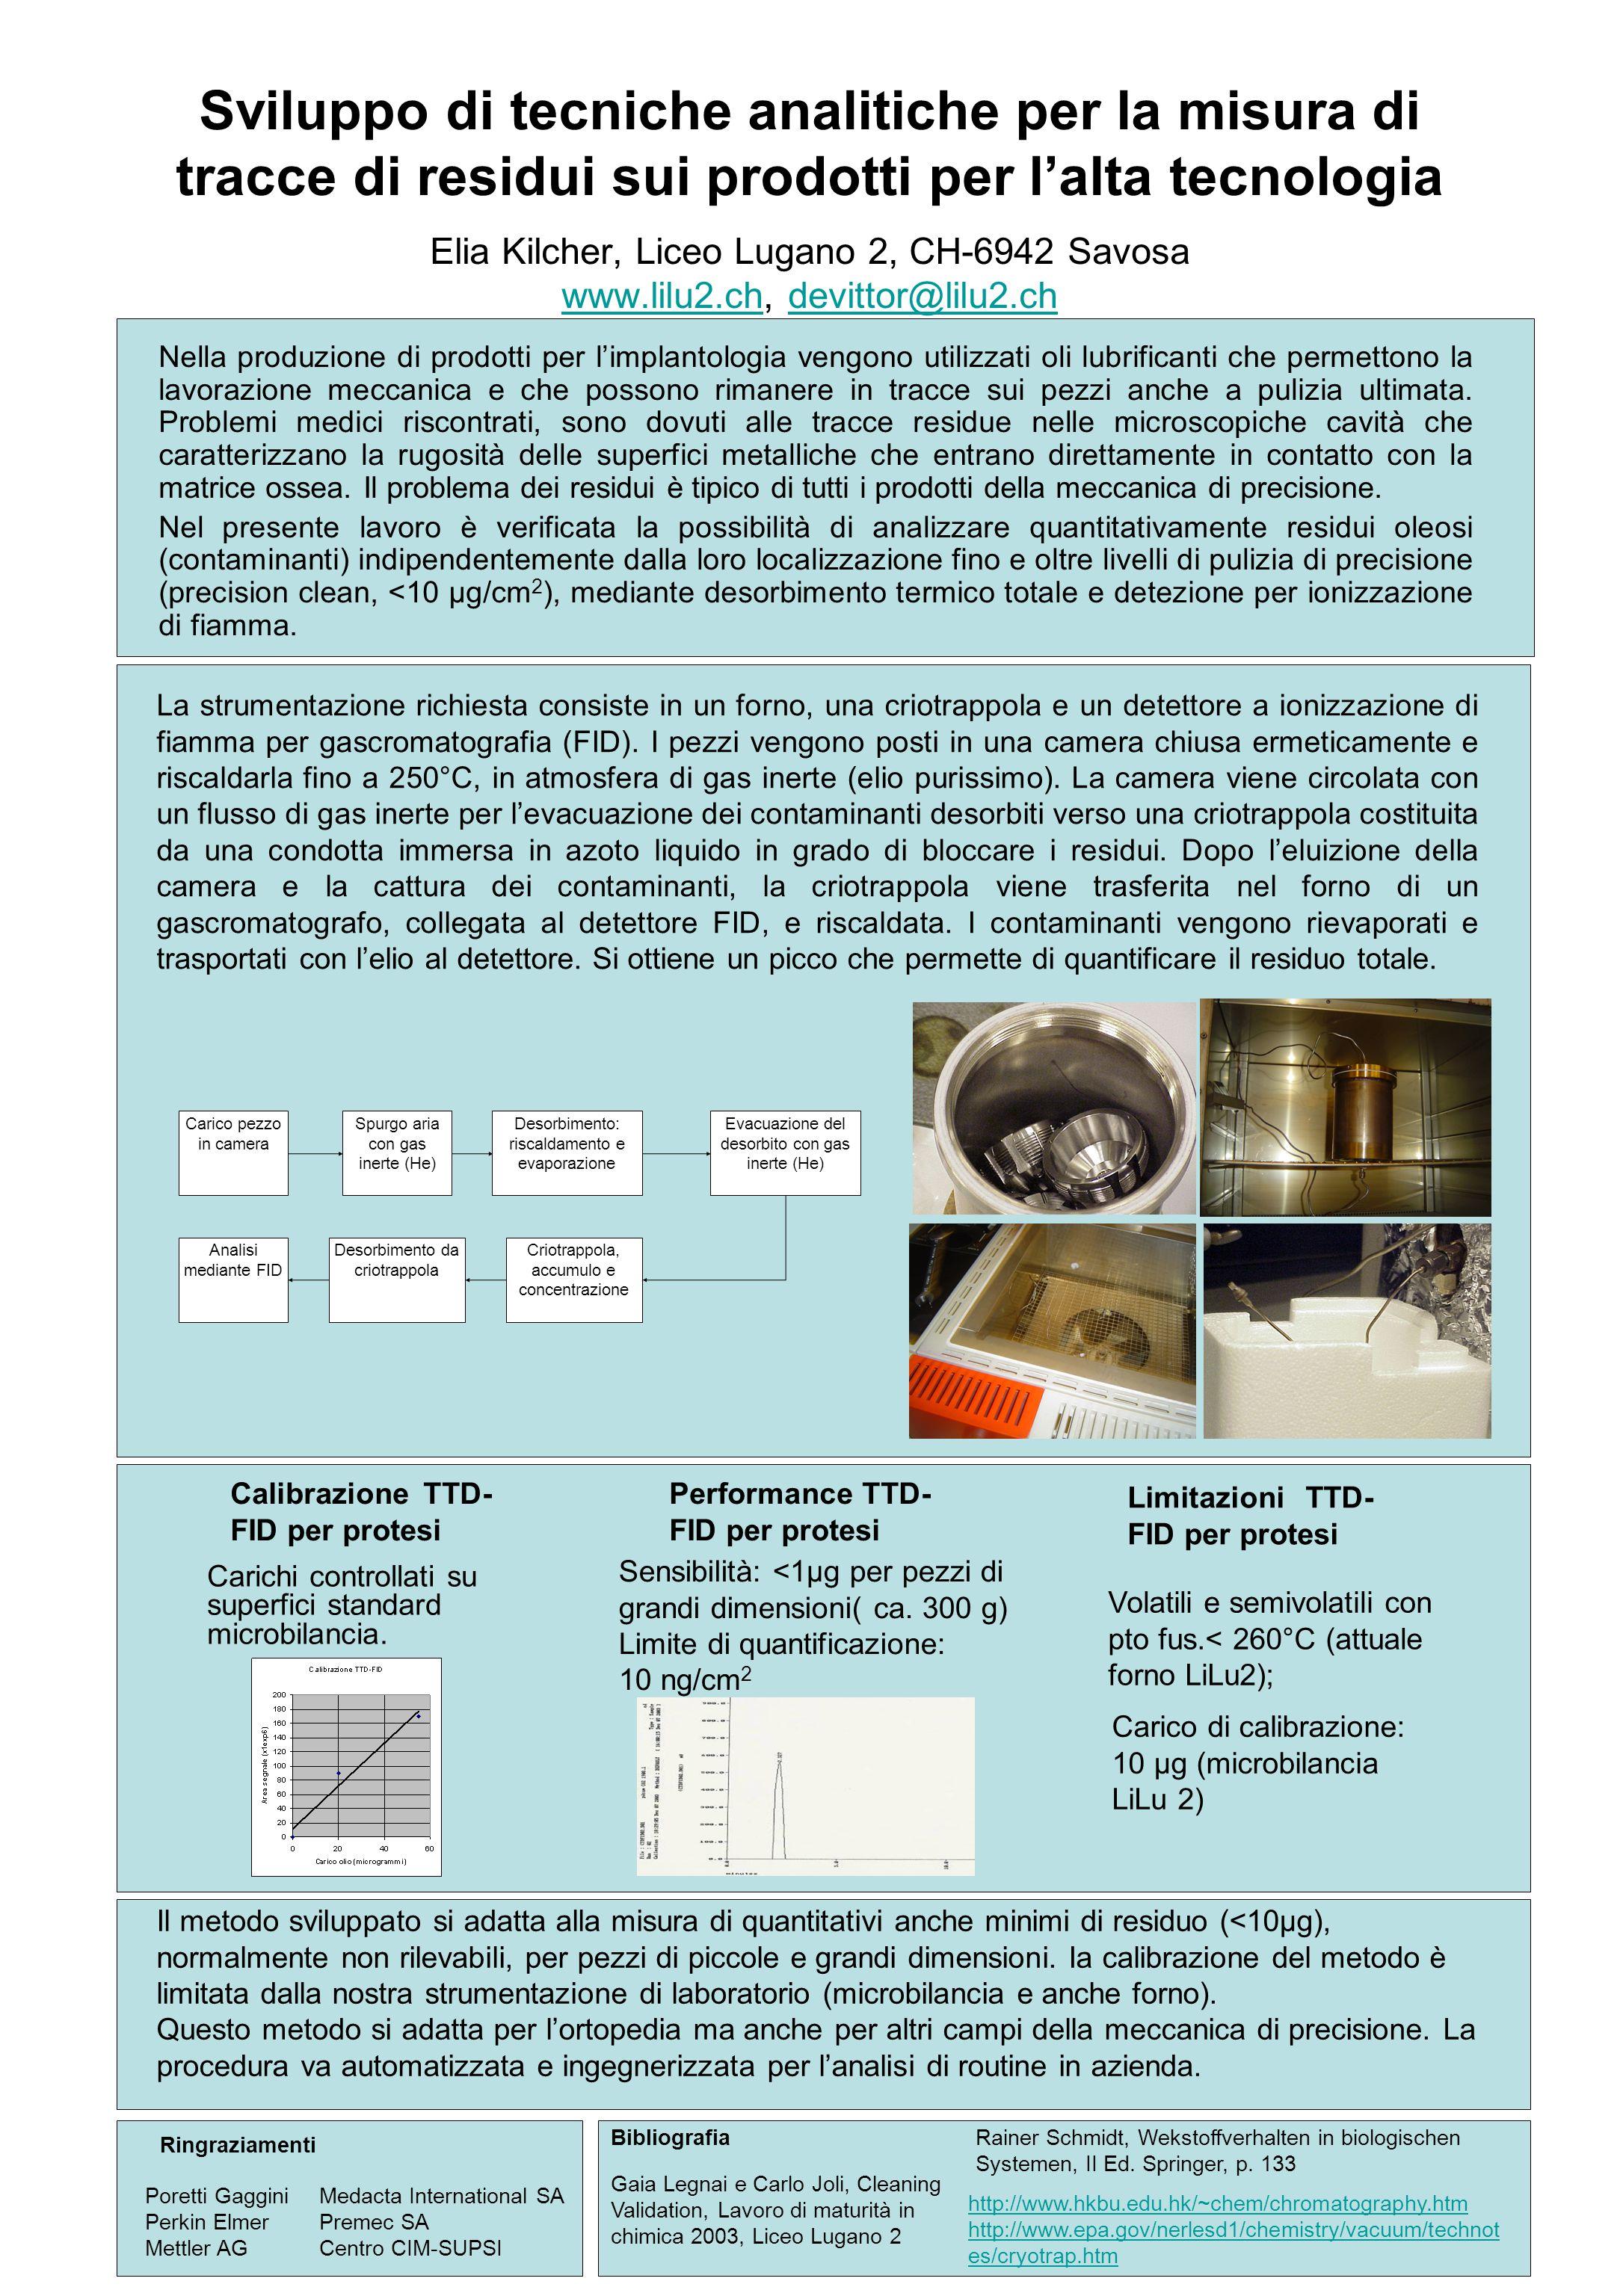 Sviluppo di tecniche analitiche per la misura di tracce di residui sui prodotti per l'alta tecnologia Elia Kilcher, Liceo Lugano 2, CH-6942 Savosa www.lilu2.ch, devittor@lilu2.ch